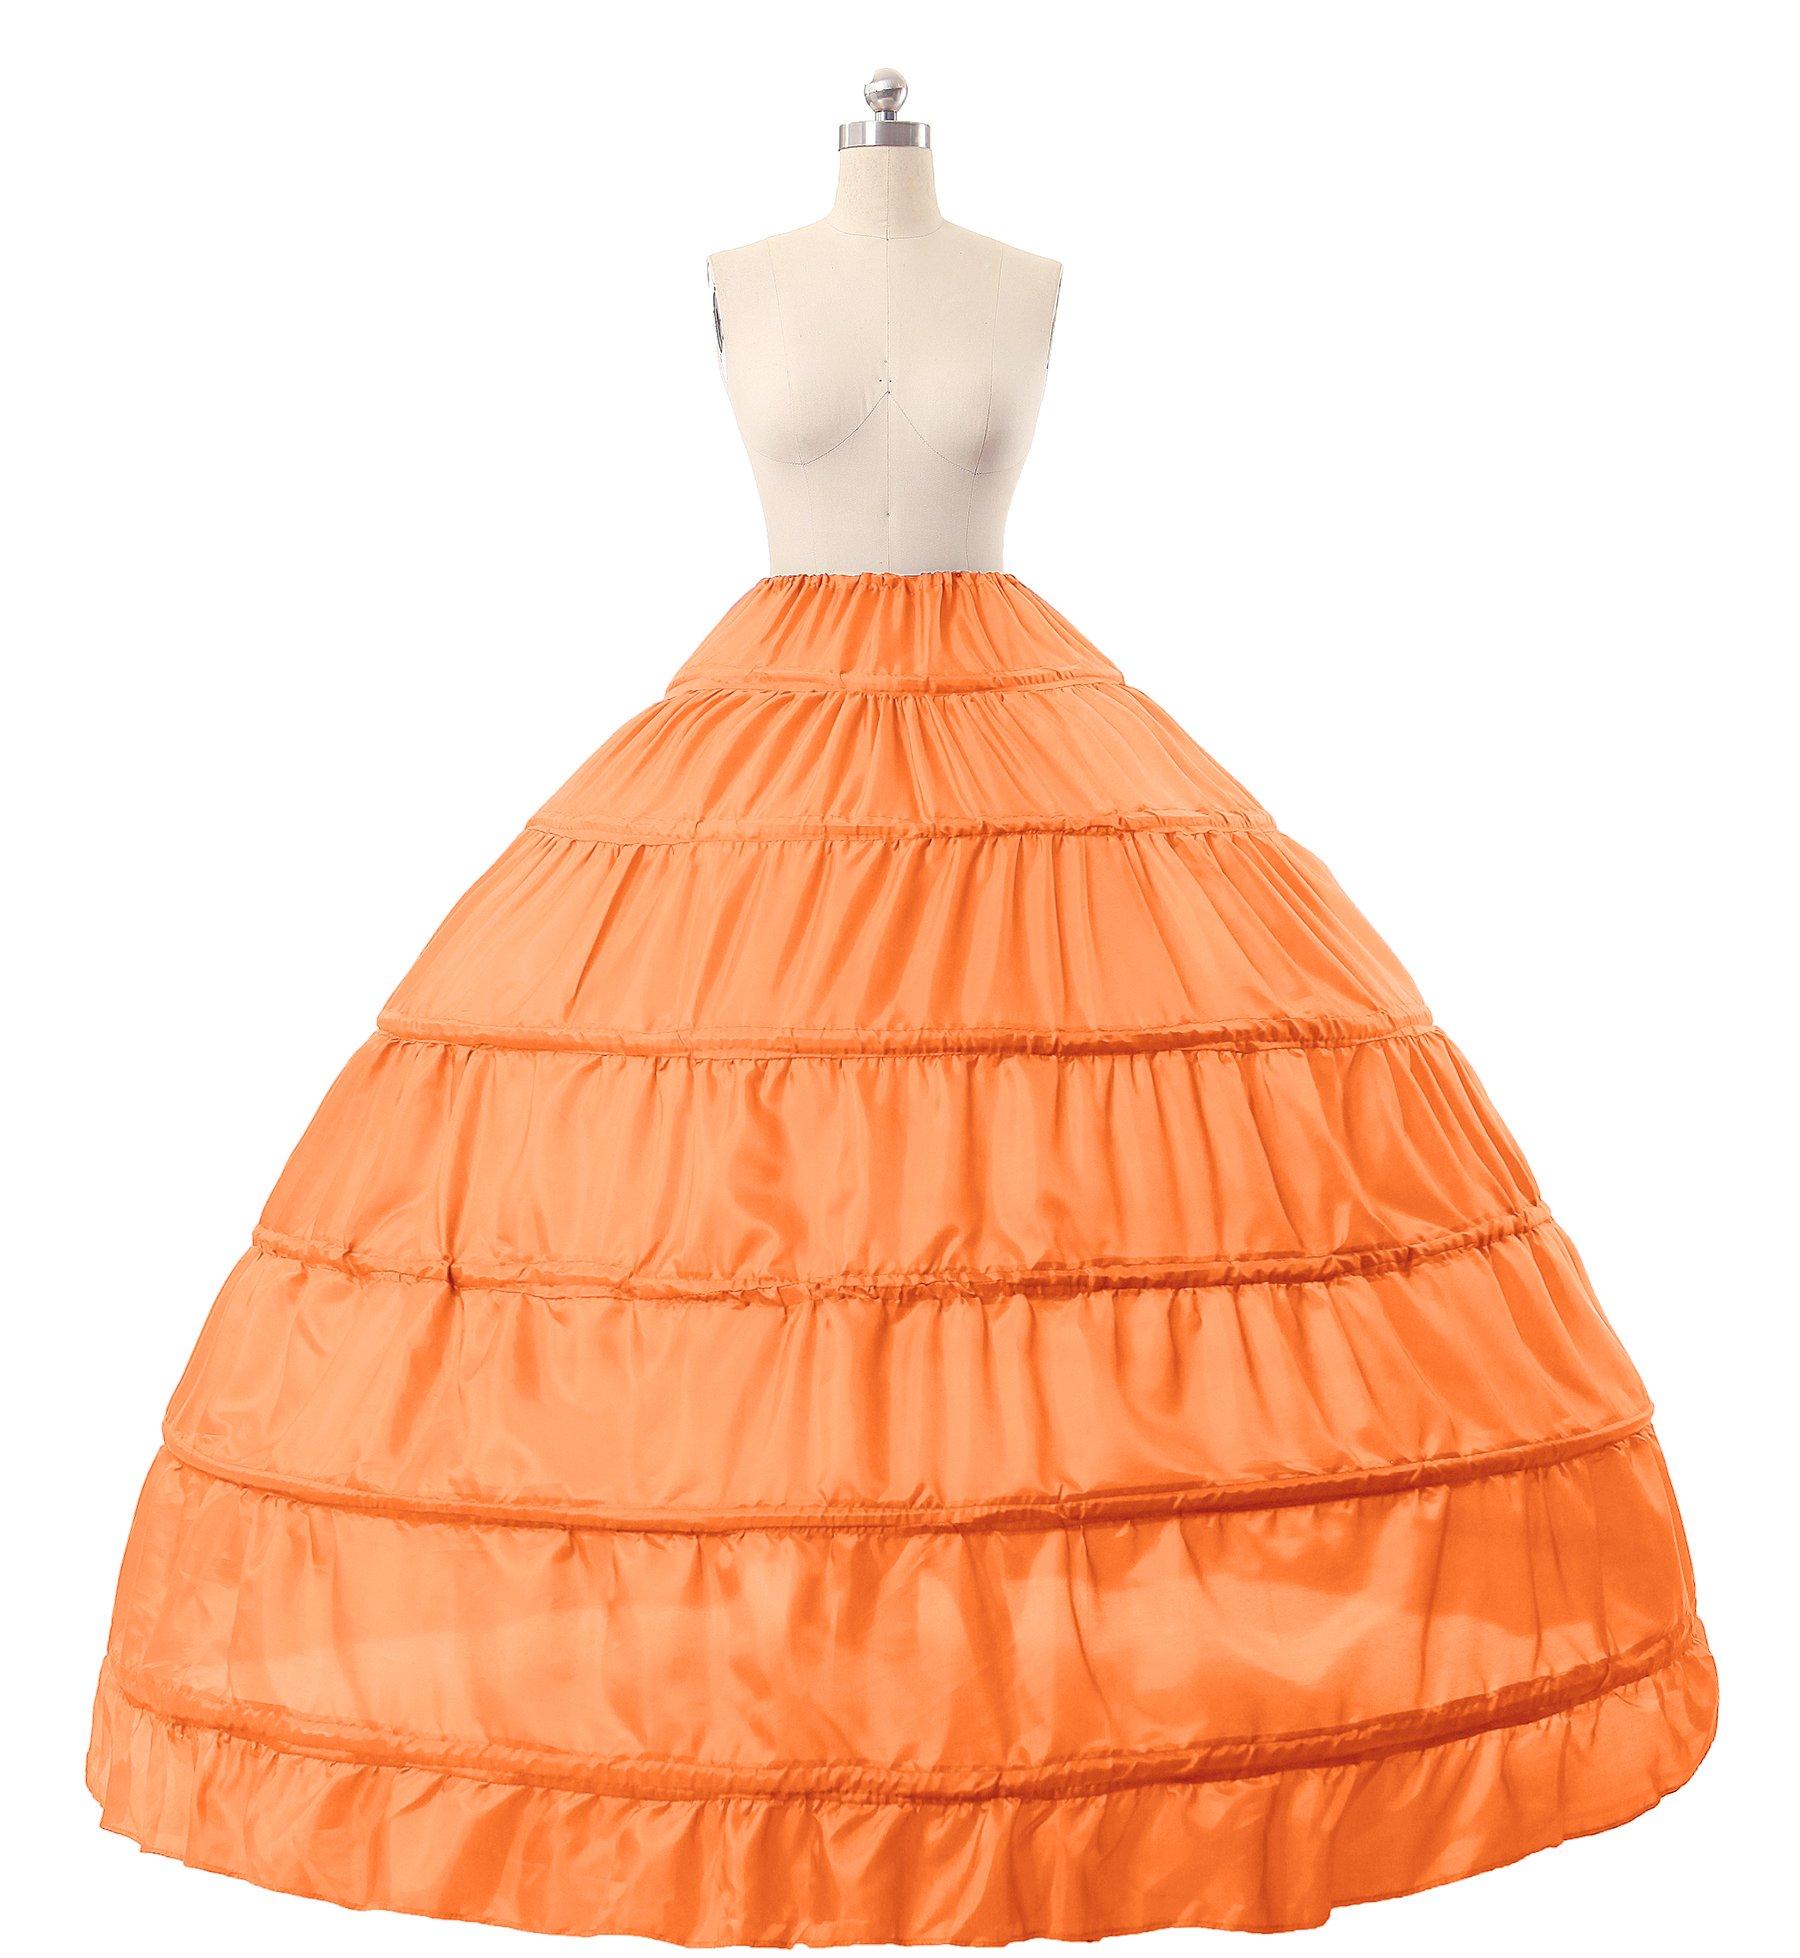 BEAUTELICATE Sottogonna Petticoat Donna Gonna Lunga 6 Cerchio Crinolina Rockabilly Vintage Sottoveste per Vestito Abito… 2 spesavip